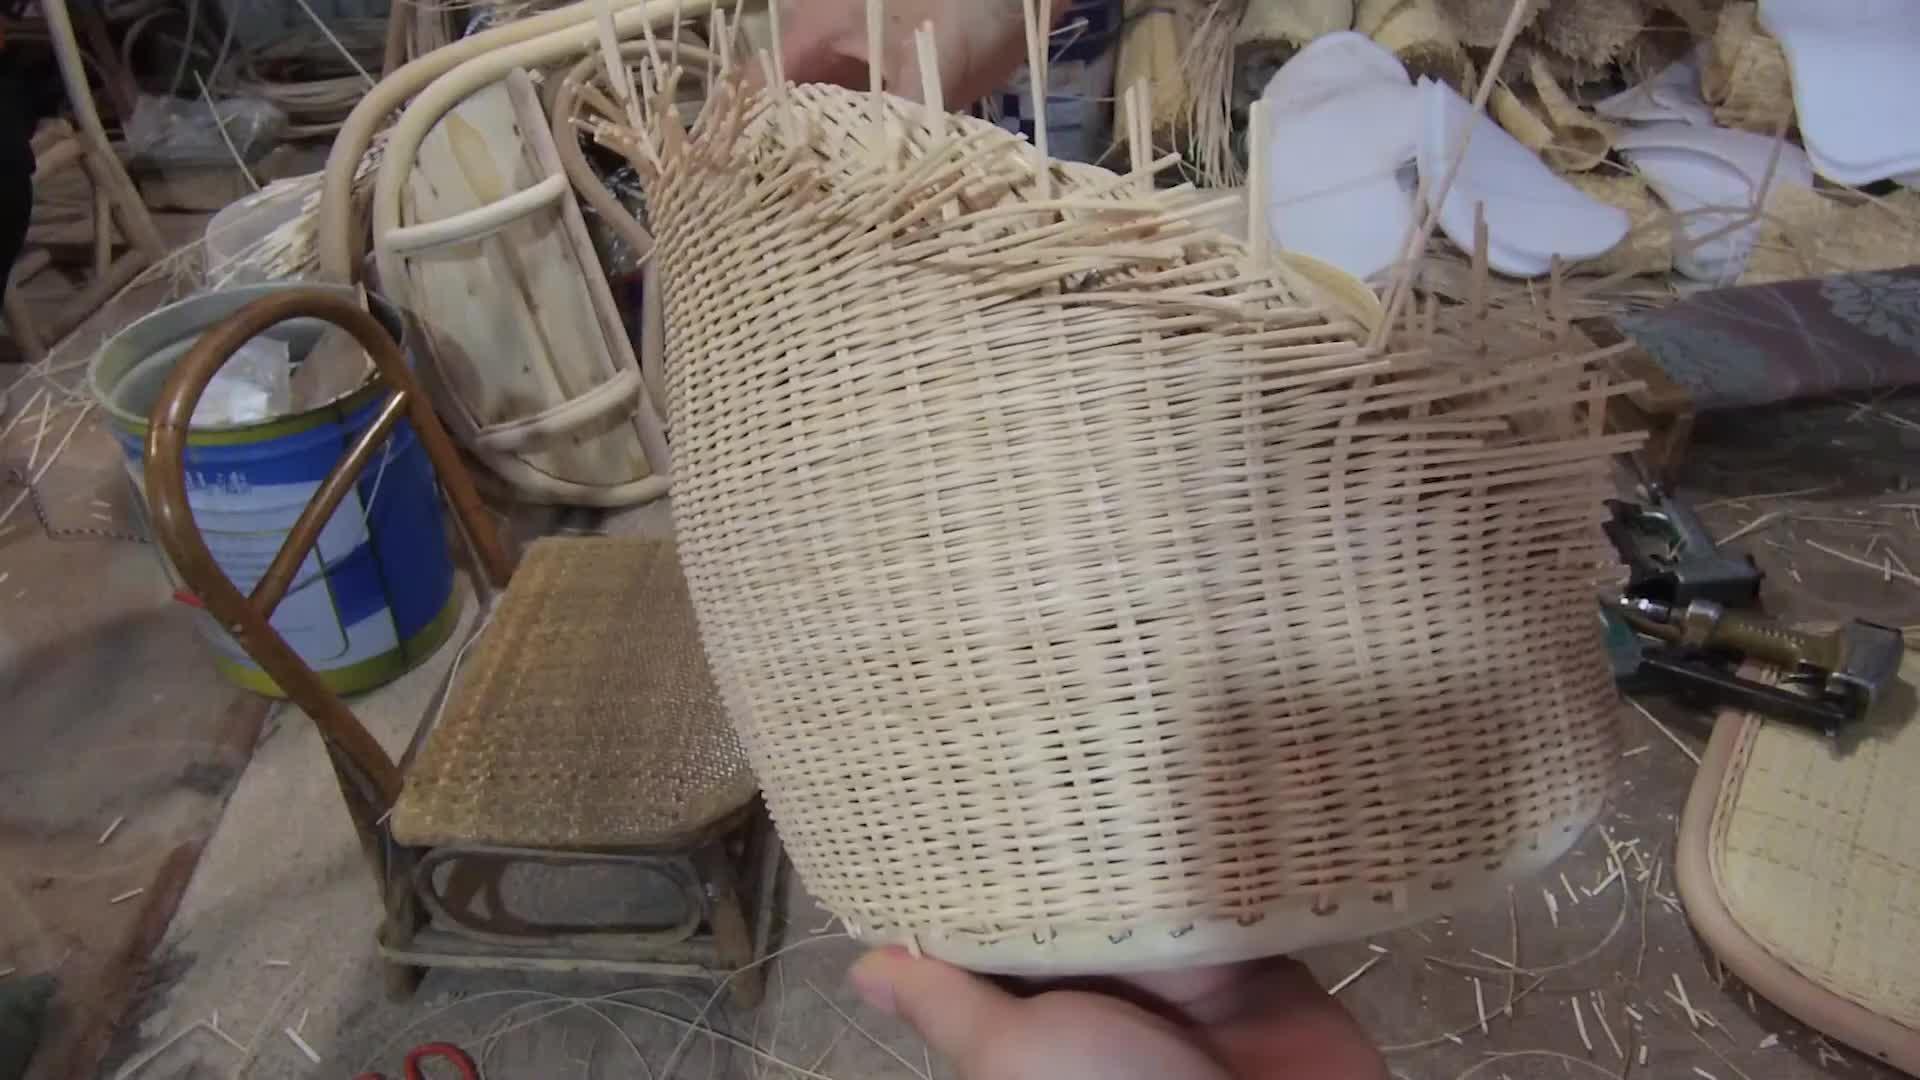 手工编织迷你藤编家具,编织出美观而实用的工艺品